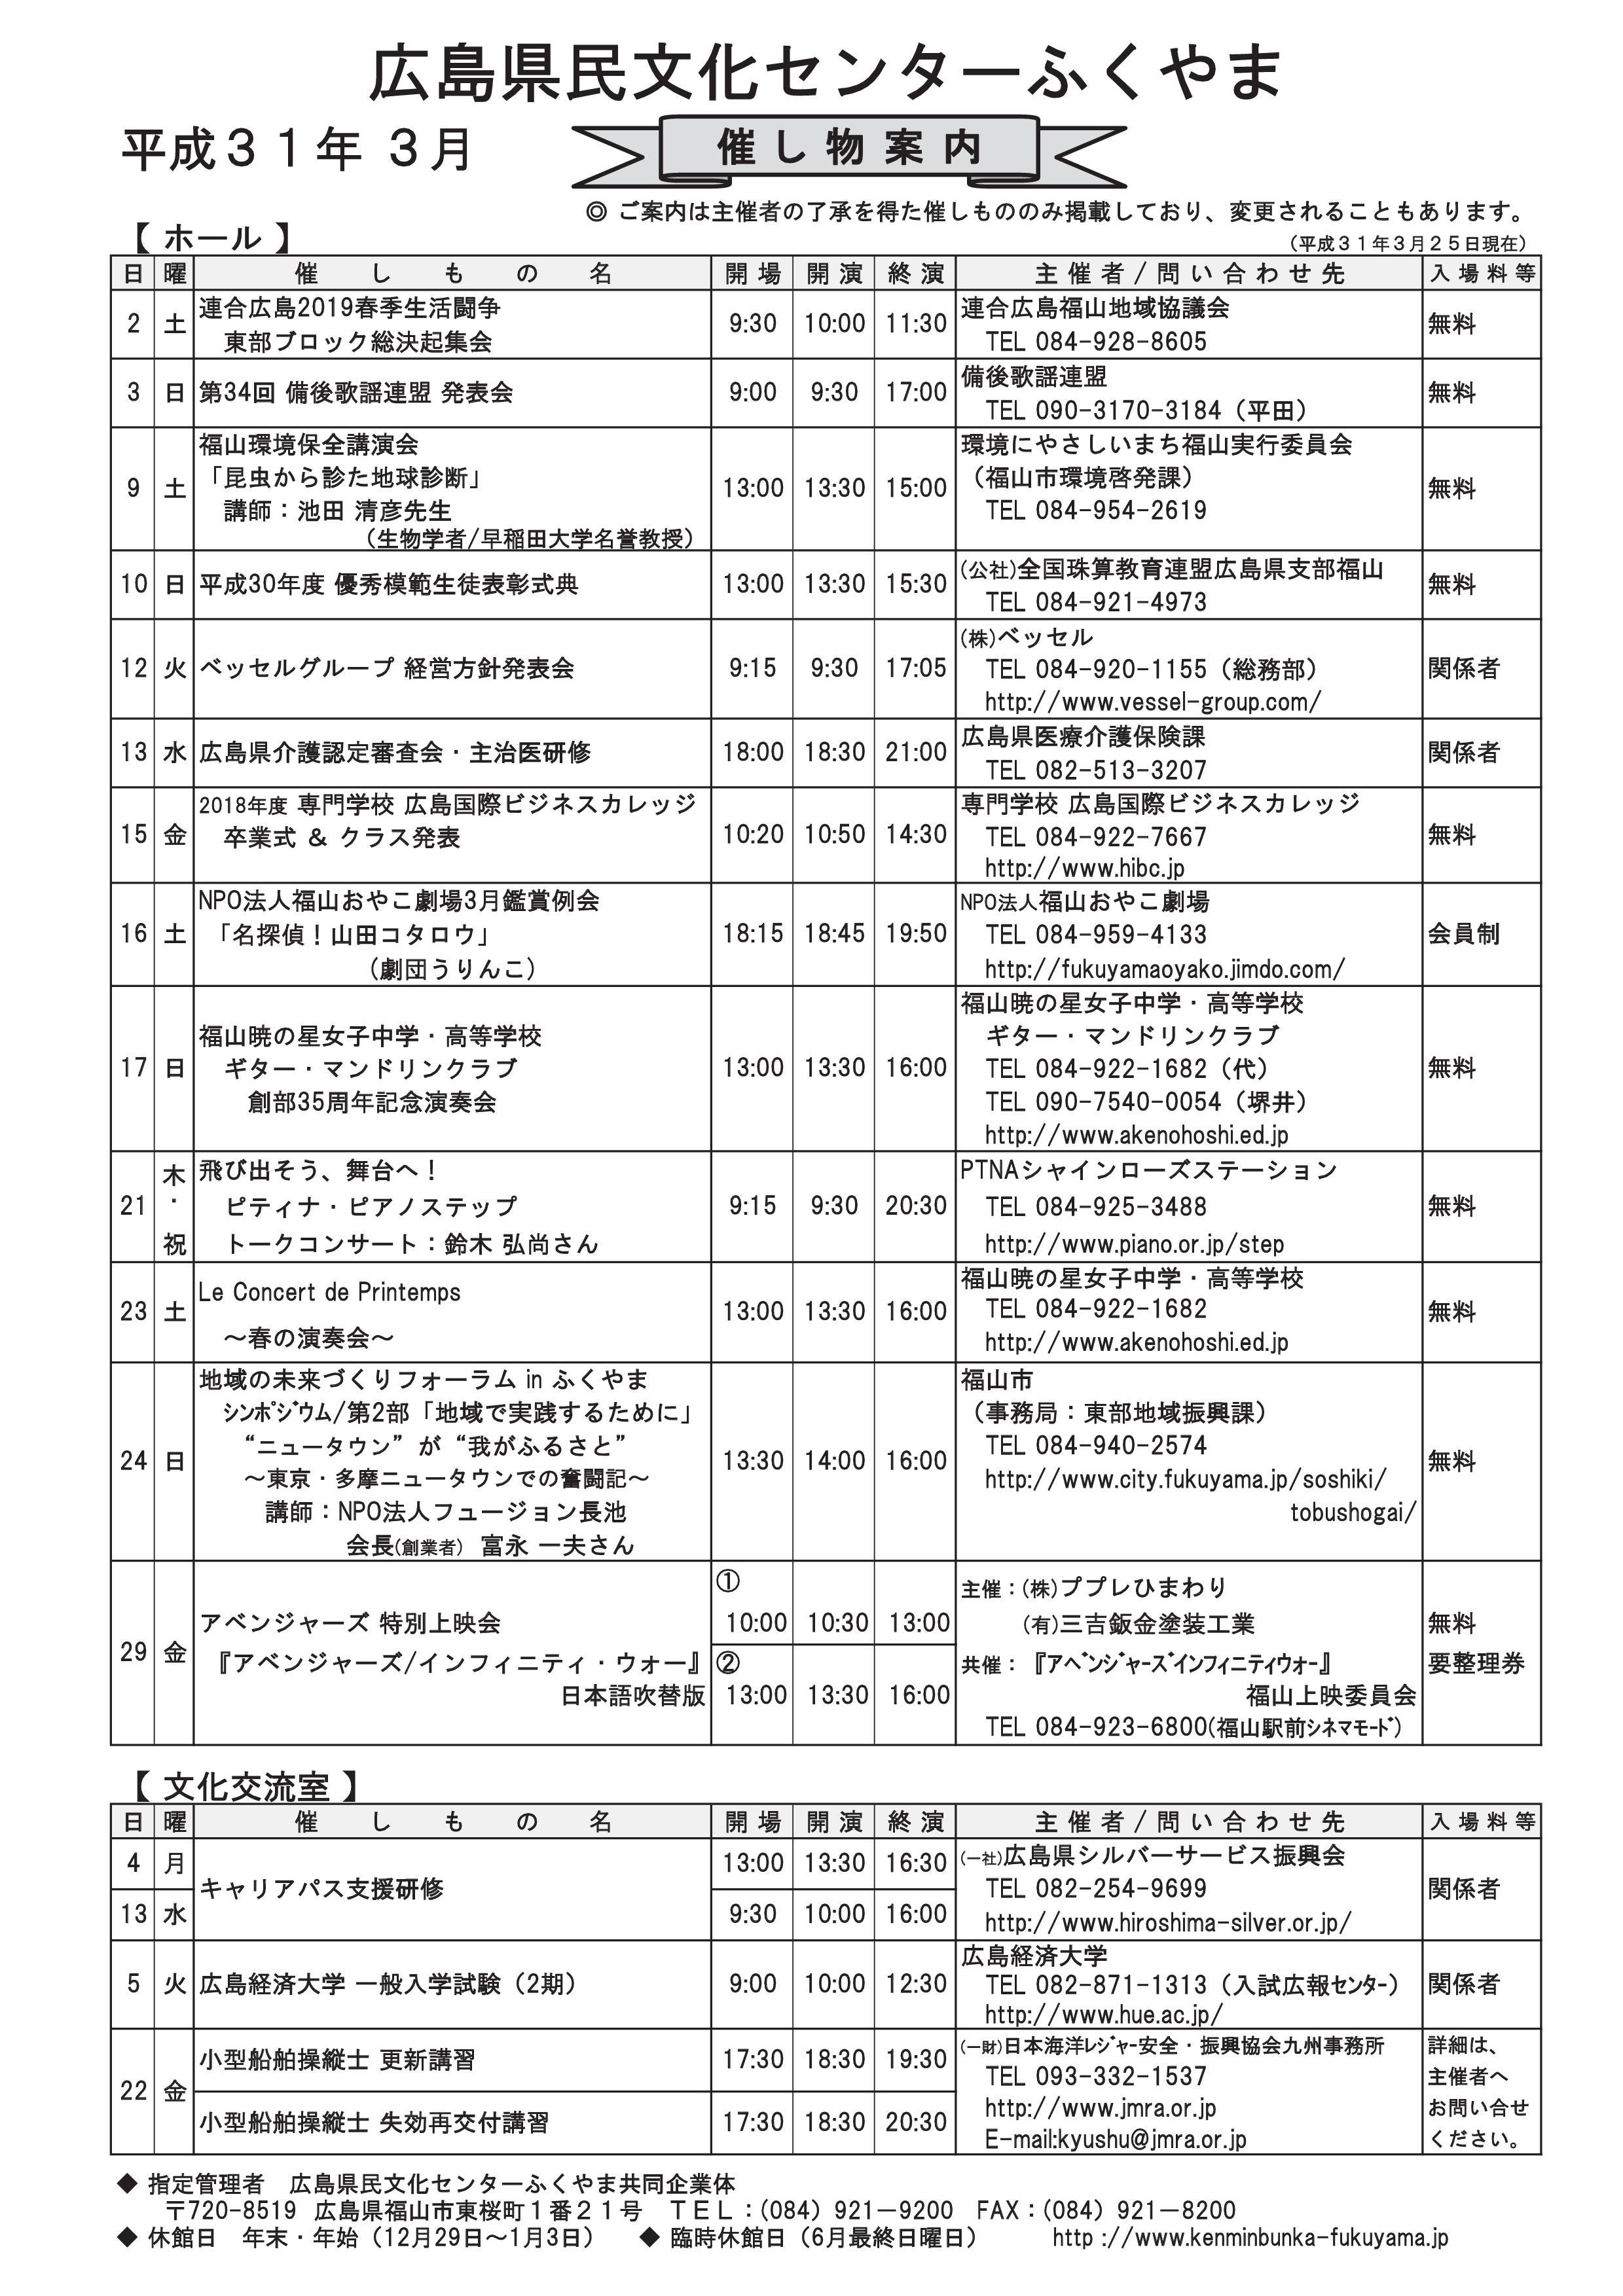 催し物案内 2019年3月分(3.25改)